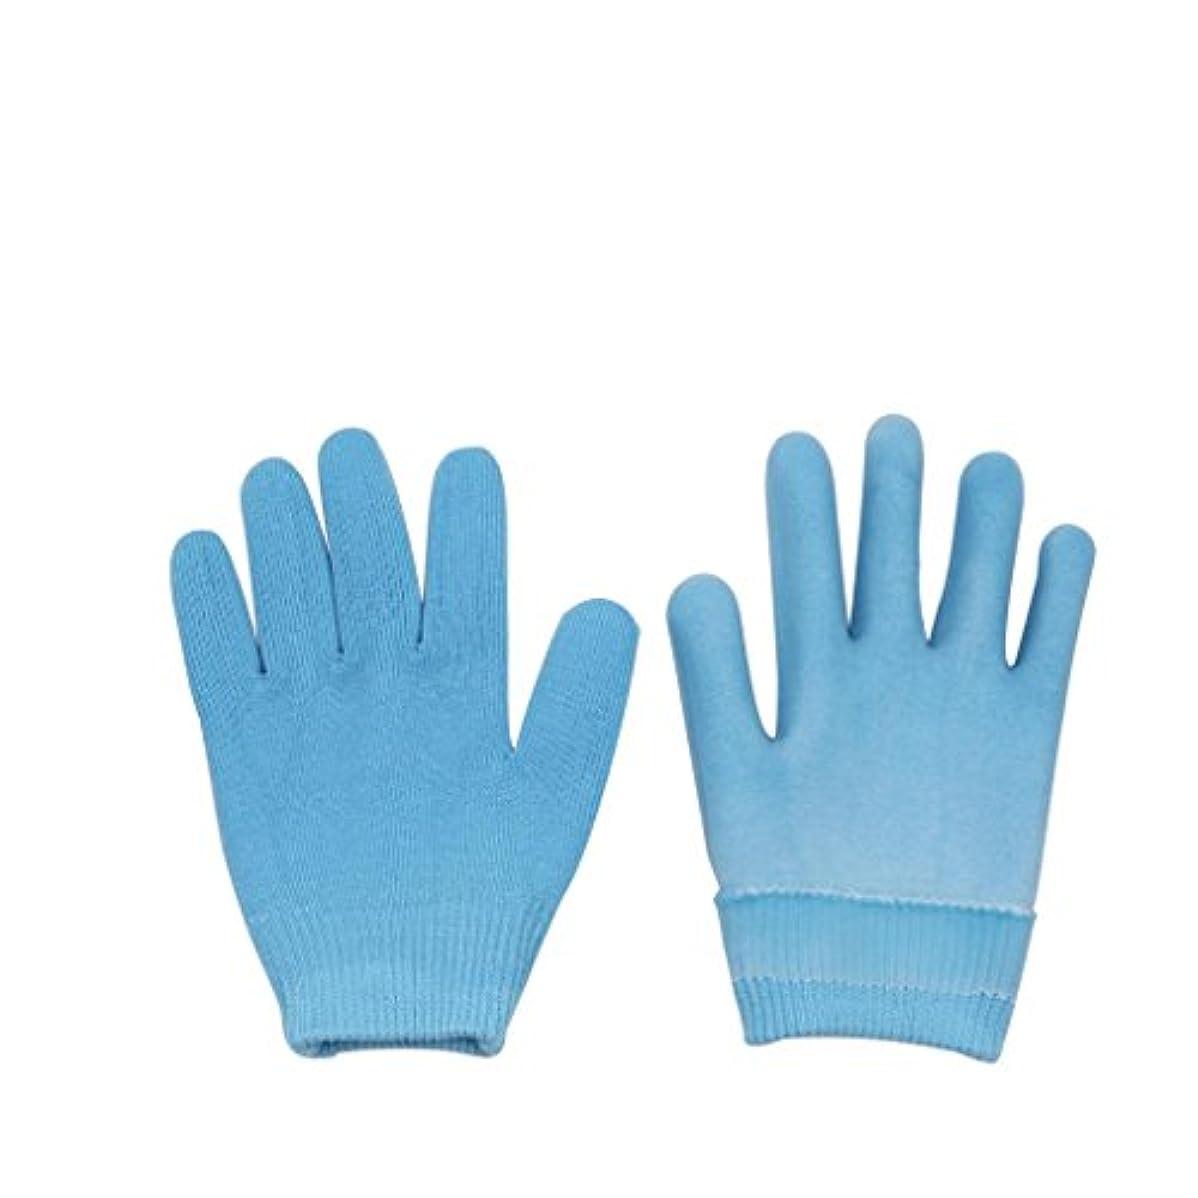 クリップ蝶前述のレンズLovoski 保湿手袋 おやすみ手袋 手袋 手湿疹 乾燥防止 手荒れ 保湿 スキンケア  メンズ レディース 全3色選べ - ブルー